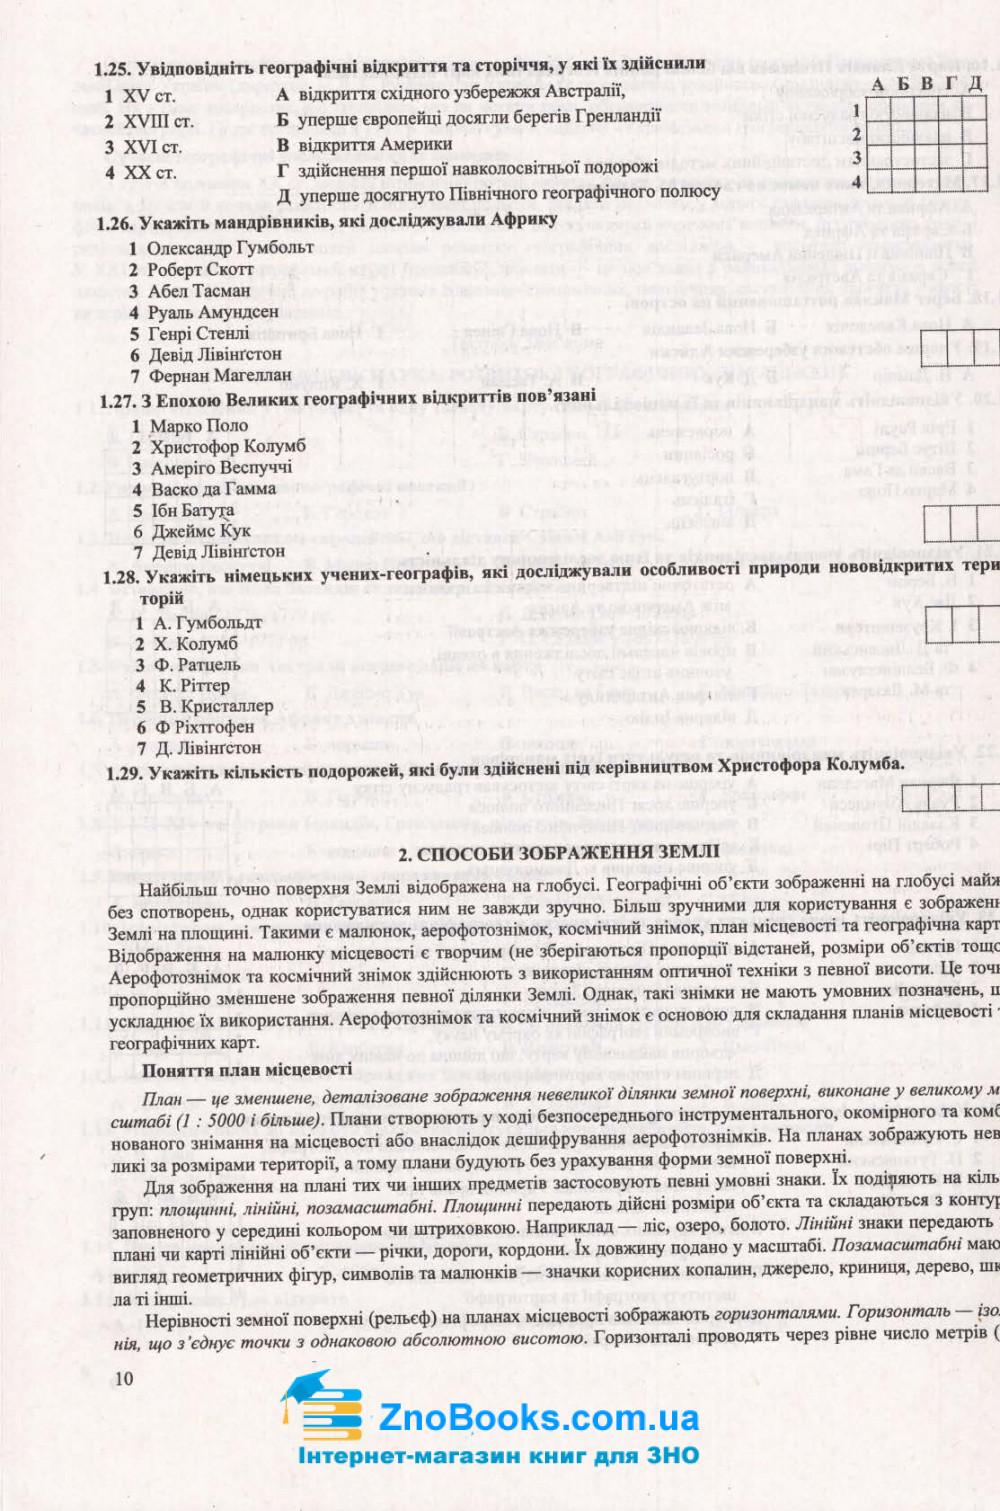 ЗНО 2021 Географія. Комплексне видання : Кузишин А. Підручники і посібники. купити 10